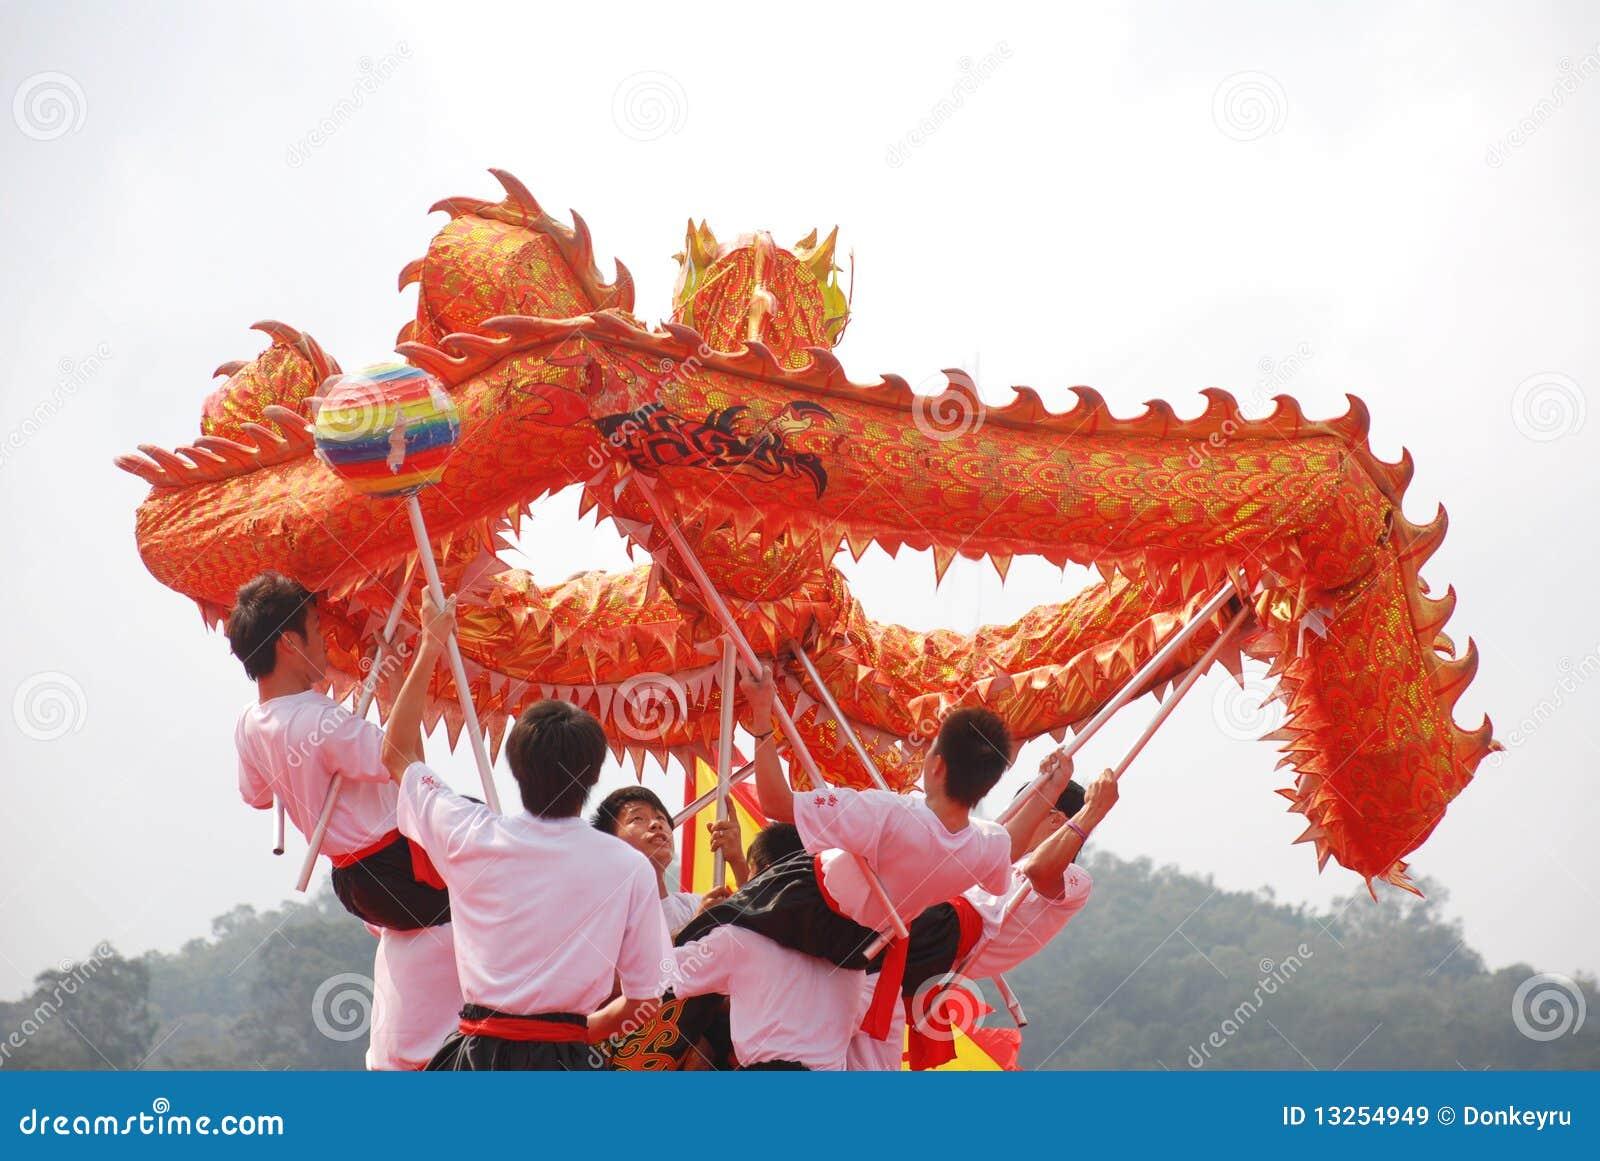 Asian young men dragon dance